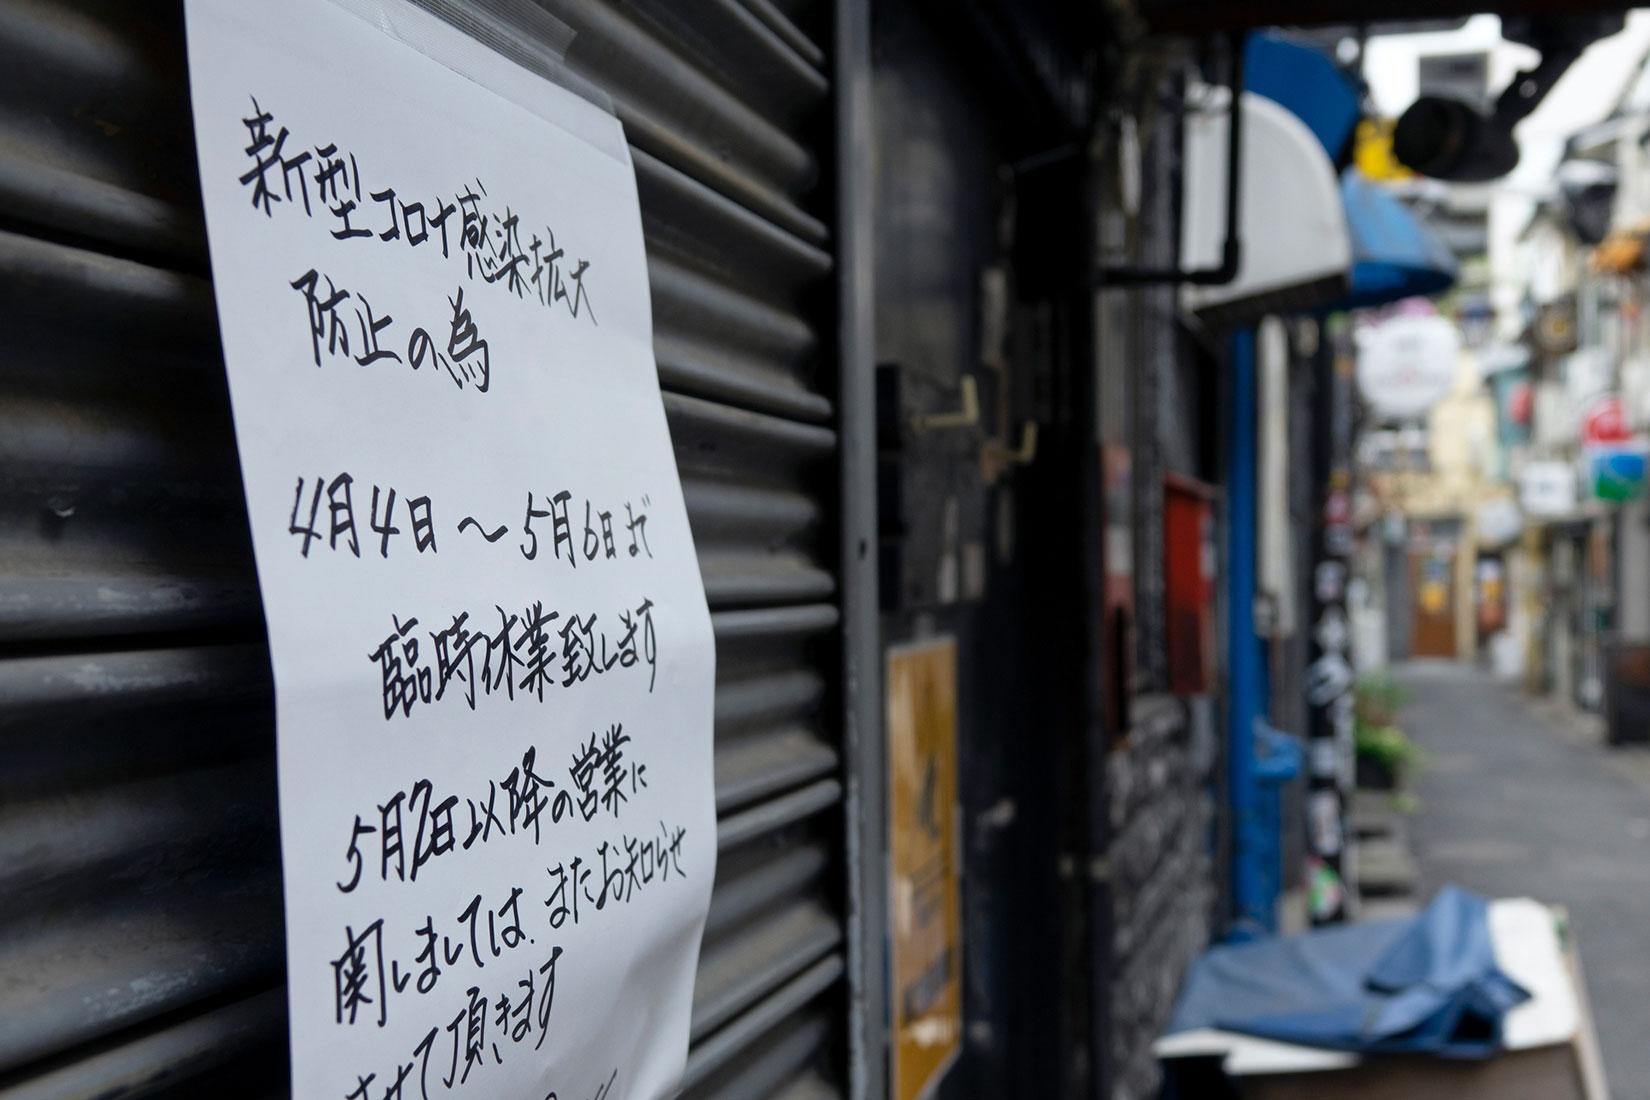 日本の緊急事態対処における非強制措置の是非を考える(後編)<br>―日本の非強制措置の特徴・歴史・課題